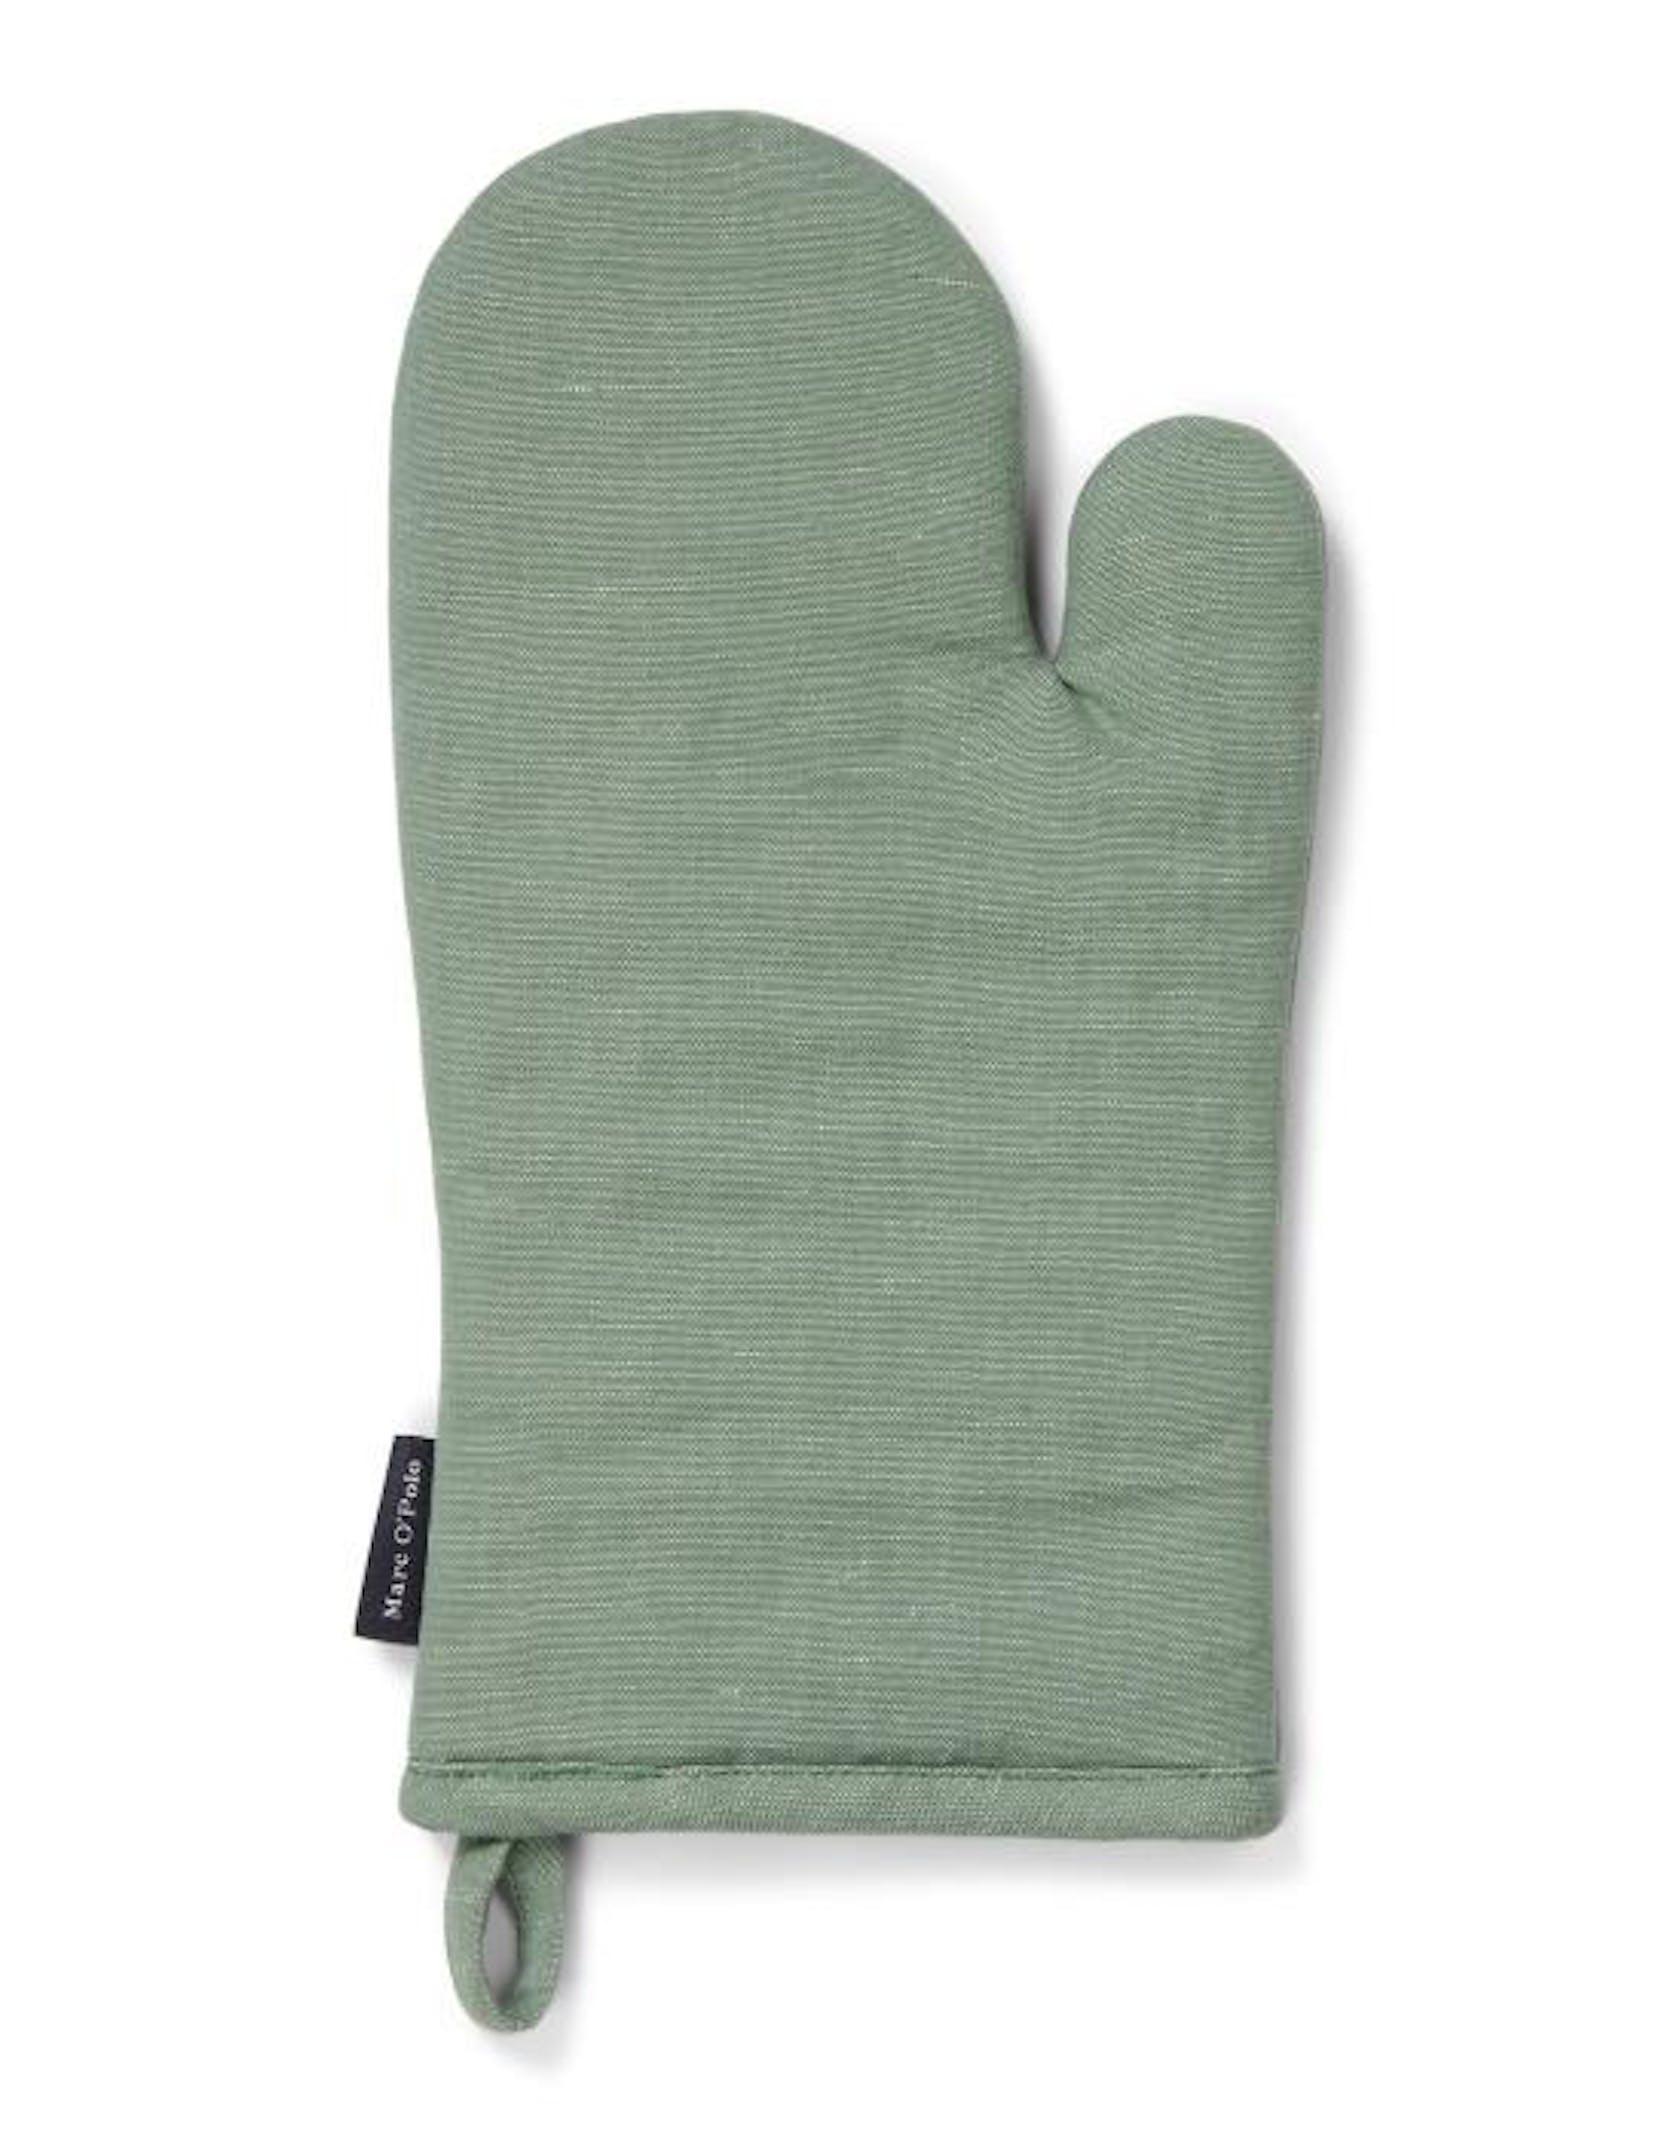 Marc O'Polo Akalla Oven Glove Green